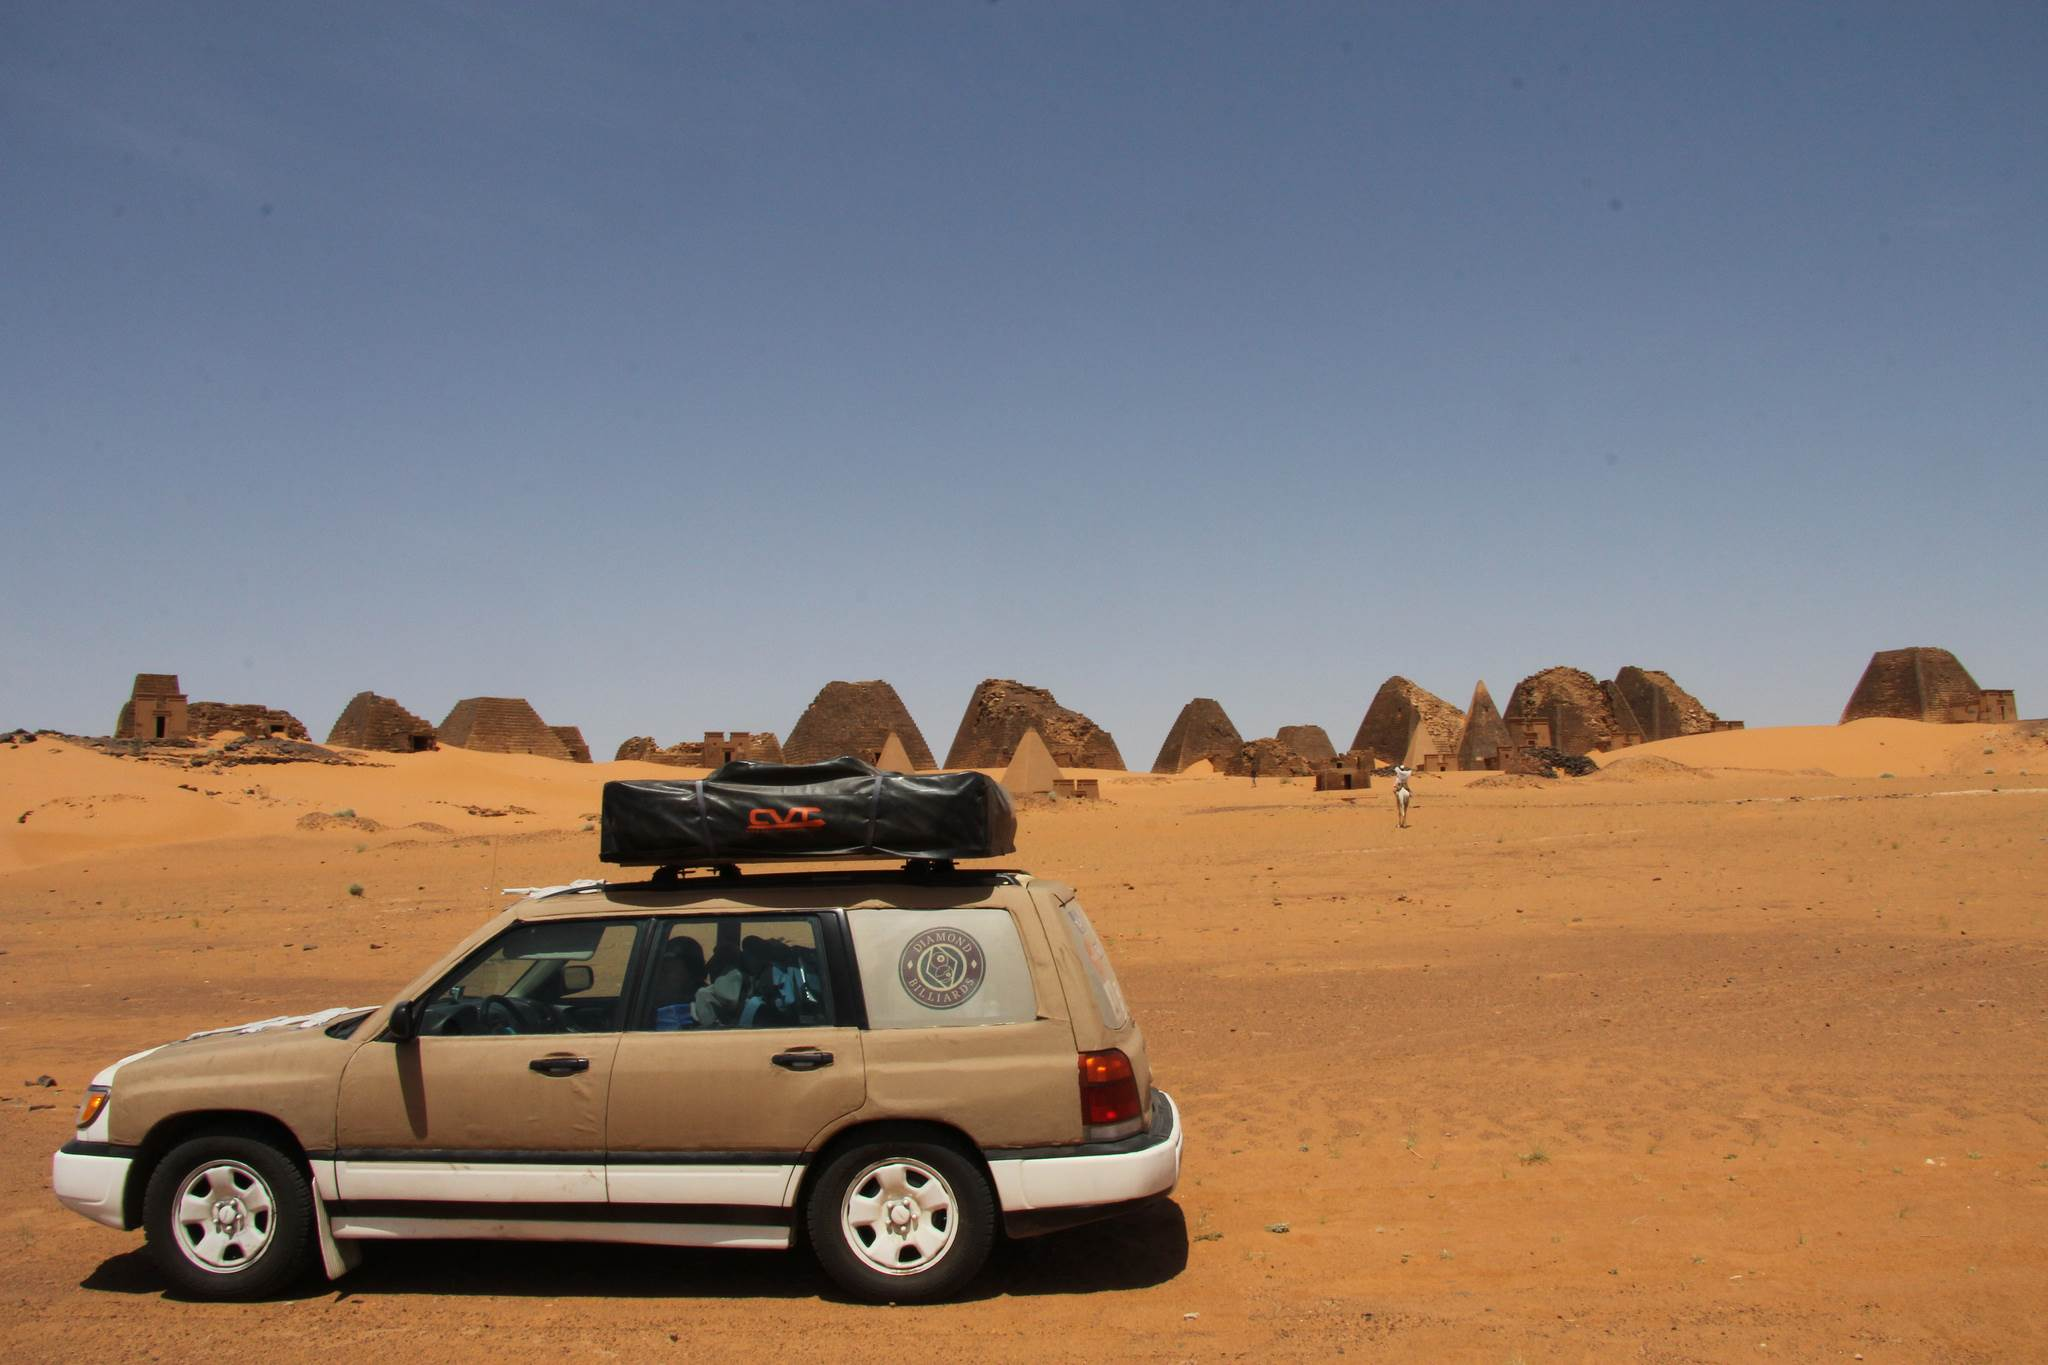 Jeep na pustyni, Sudan piramidy Meroe